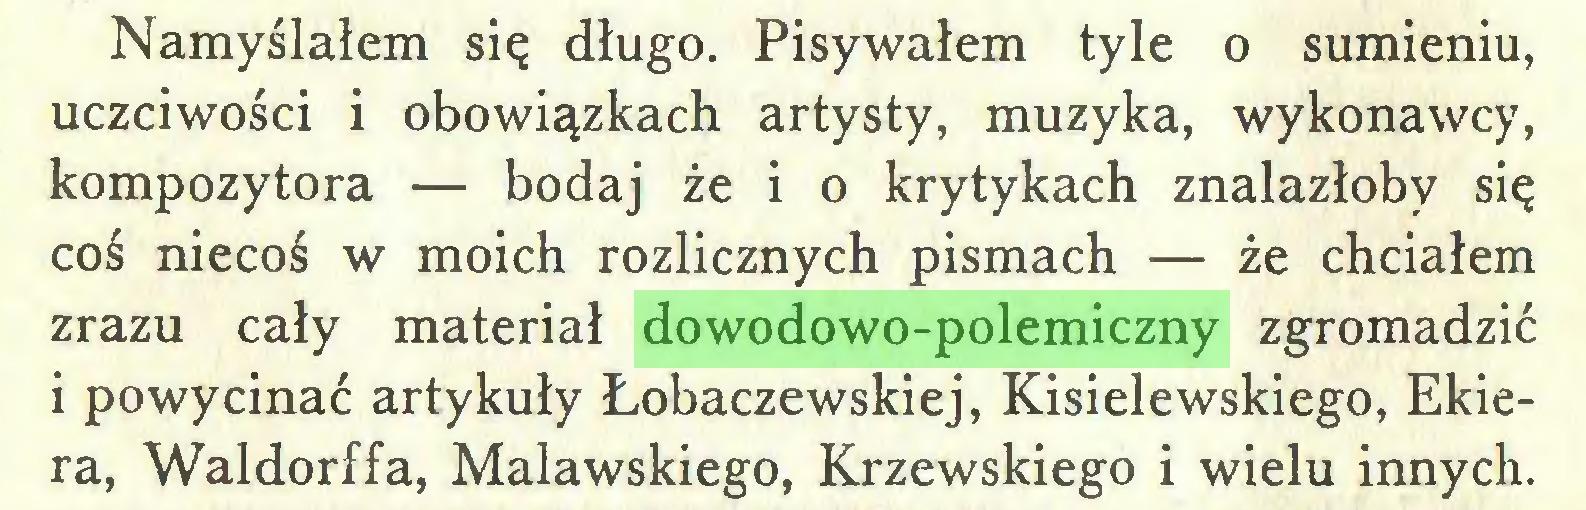 (...) Namyślałem się długo. Pisywałem tyle o sumieniu, uczciwości i obowiązkach artysty, muzyka, wykonawcy, kompozytora — bodaj że i o krytykach znalazłoby się coś niecoś w moich rozlicznych pismach — że chciałem zrazu cały materiał dowodowo-polemiczny zgromadzić 1 powycinać artykuły Łobaczewskiej, Kisielewskiego, Ekiera, Waldorffa, Malawskiego, Krzewskiego i wielu innych...